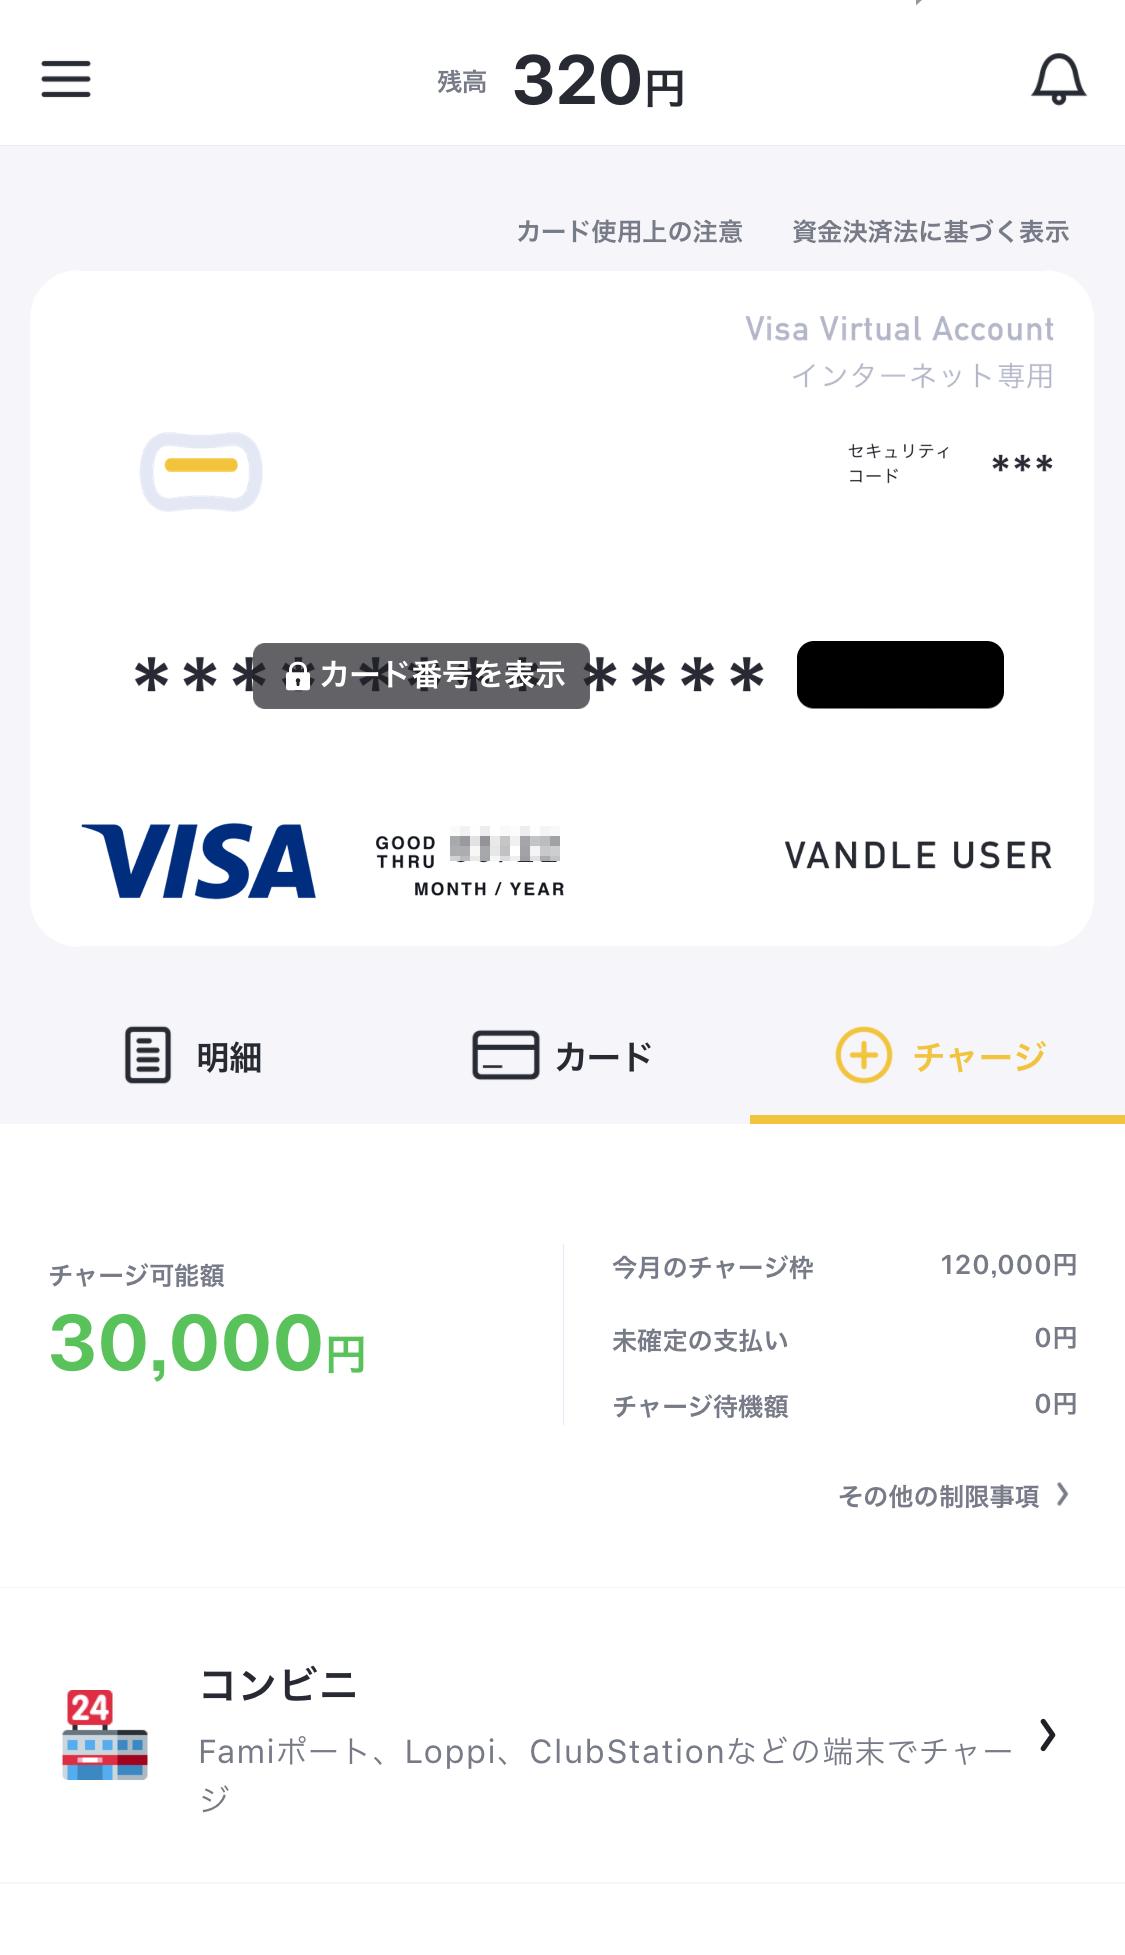 ビットコインでバンドルカードに日本円をチャージ